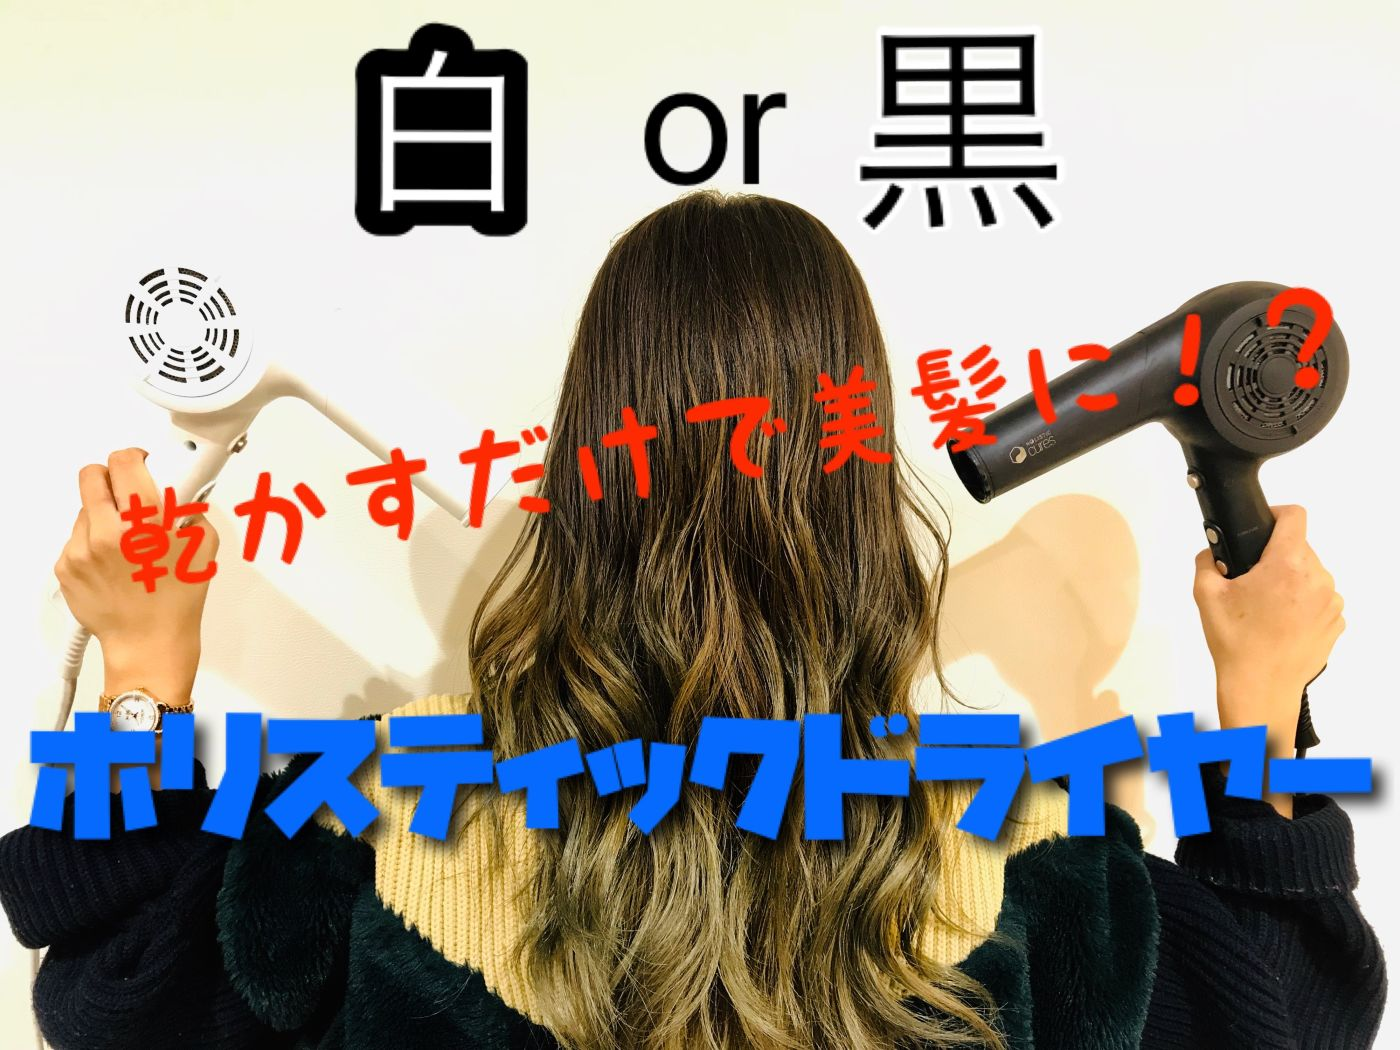 【白or黒】あなたはどっち派?乾かすだけで美髪になるホリスティックキュアドライヤー!